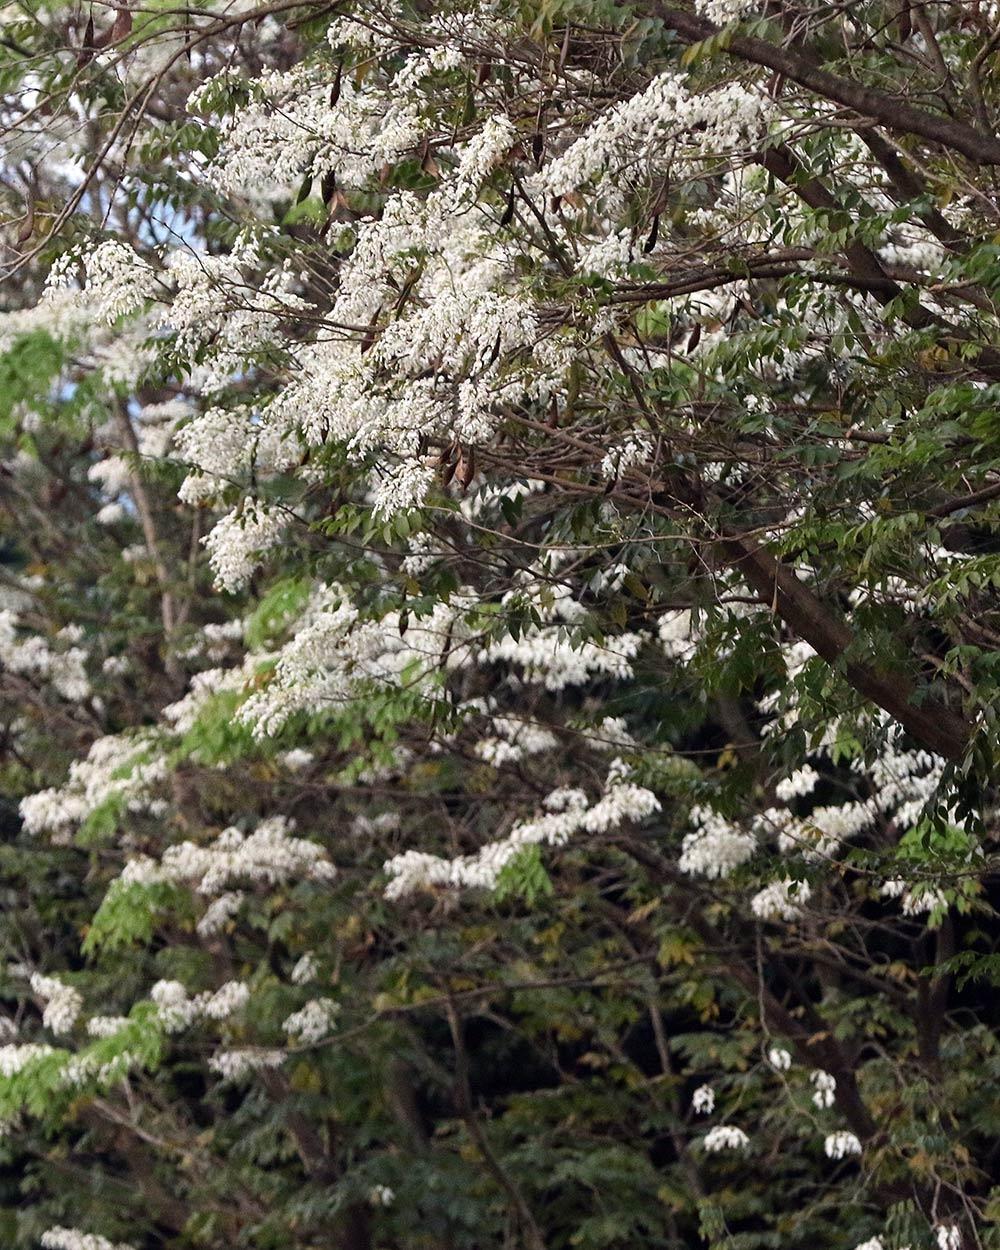 Hoa sưa nở bung trắng khoảng trời Hà Nội dịp thượng đỉnh Mỹ - Triều ảnh 14